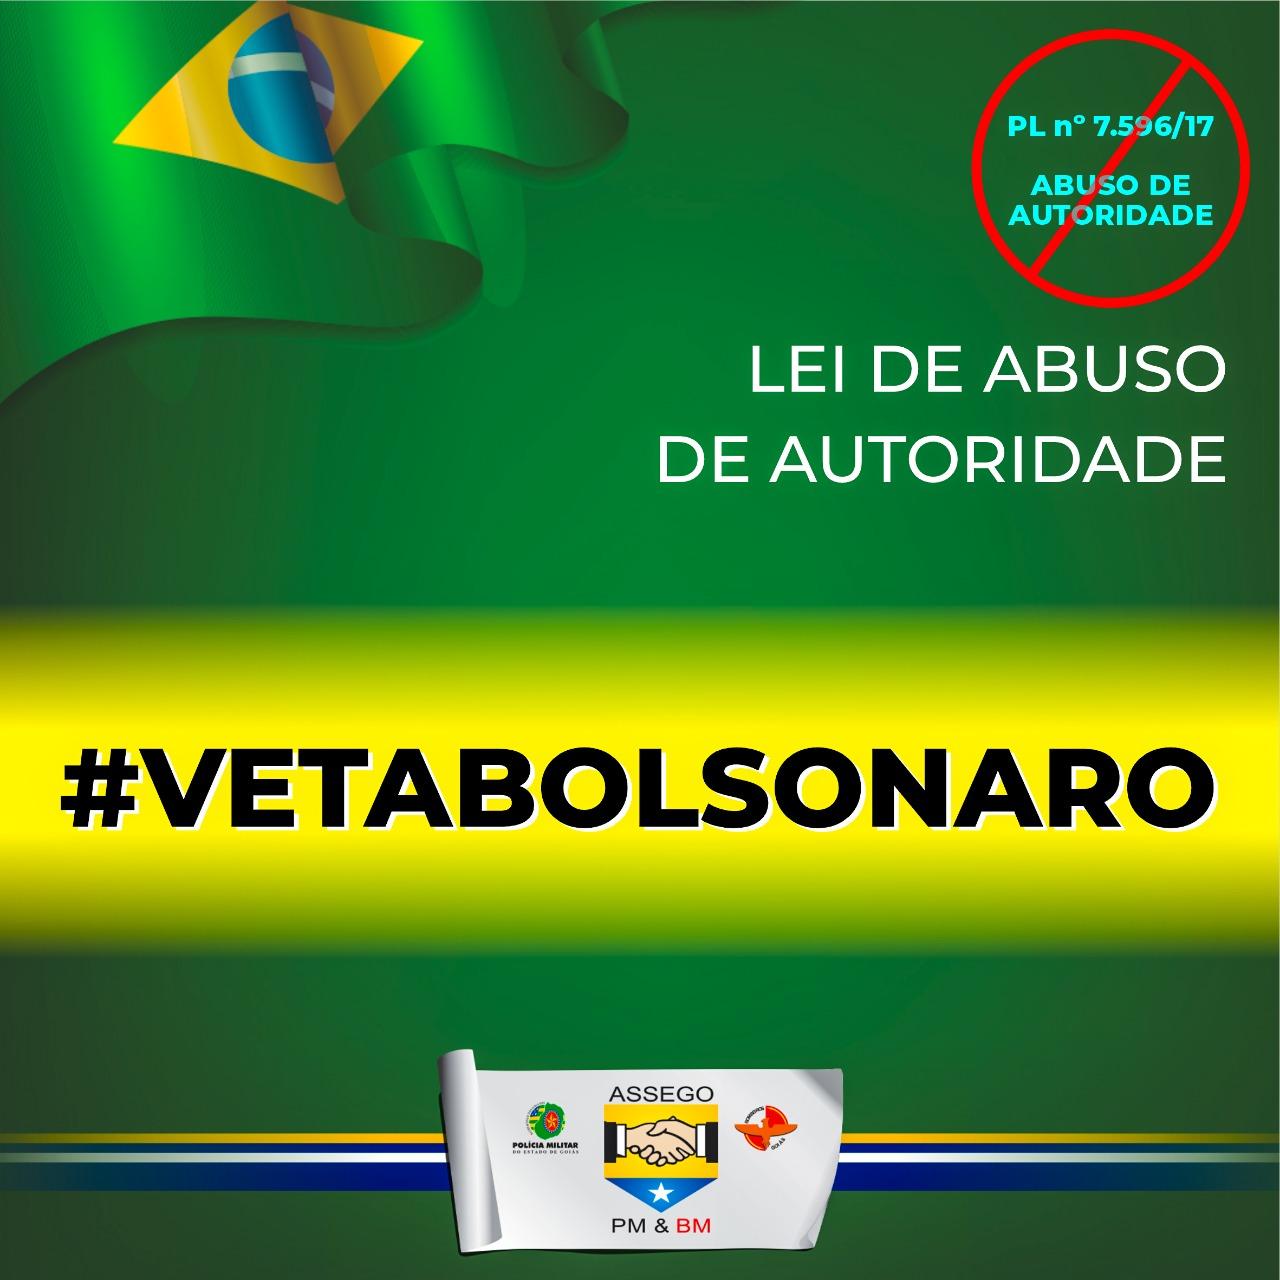 #vetabolsonaro – Lei de Abuso de Autoridade